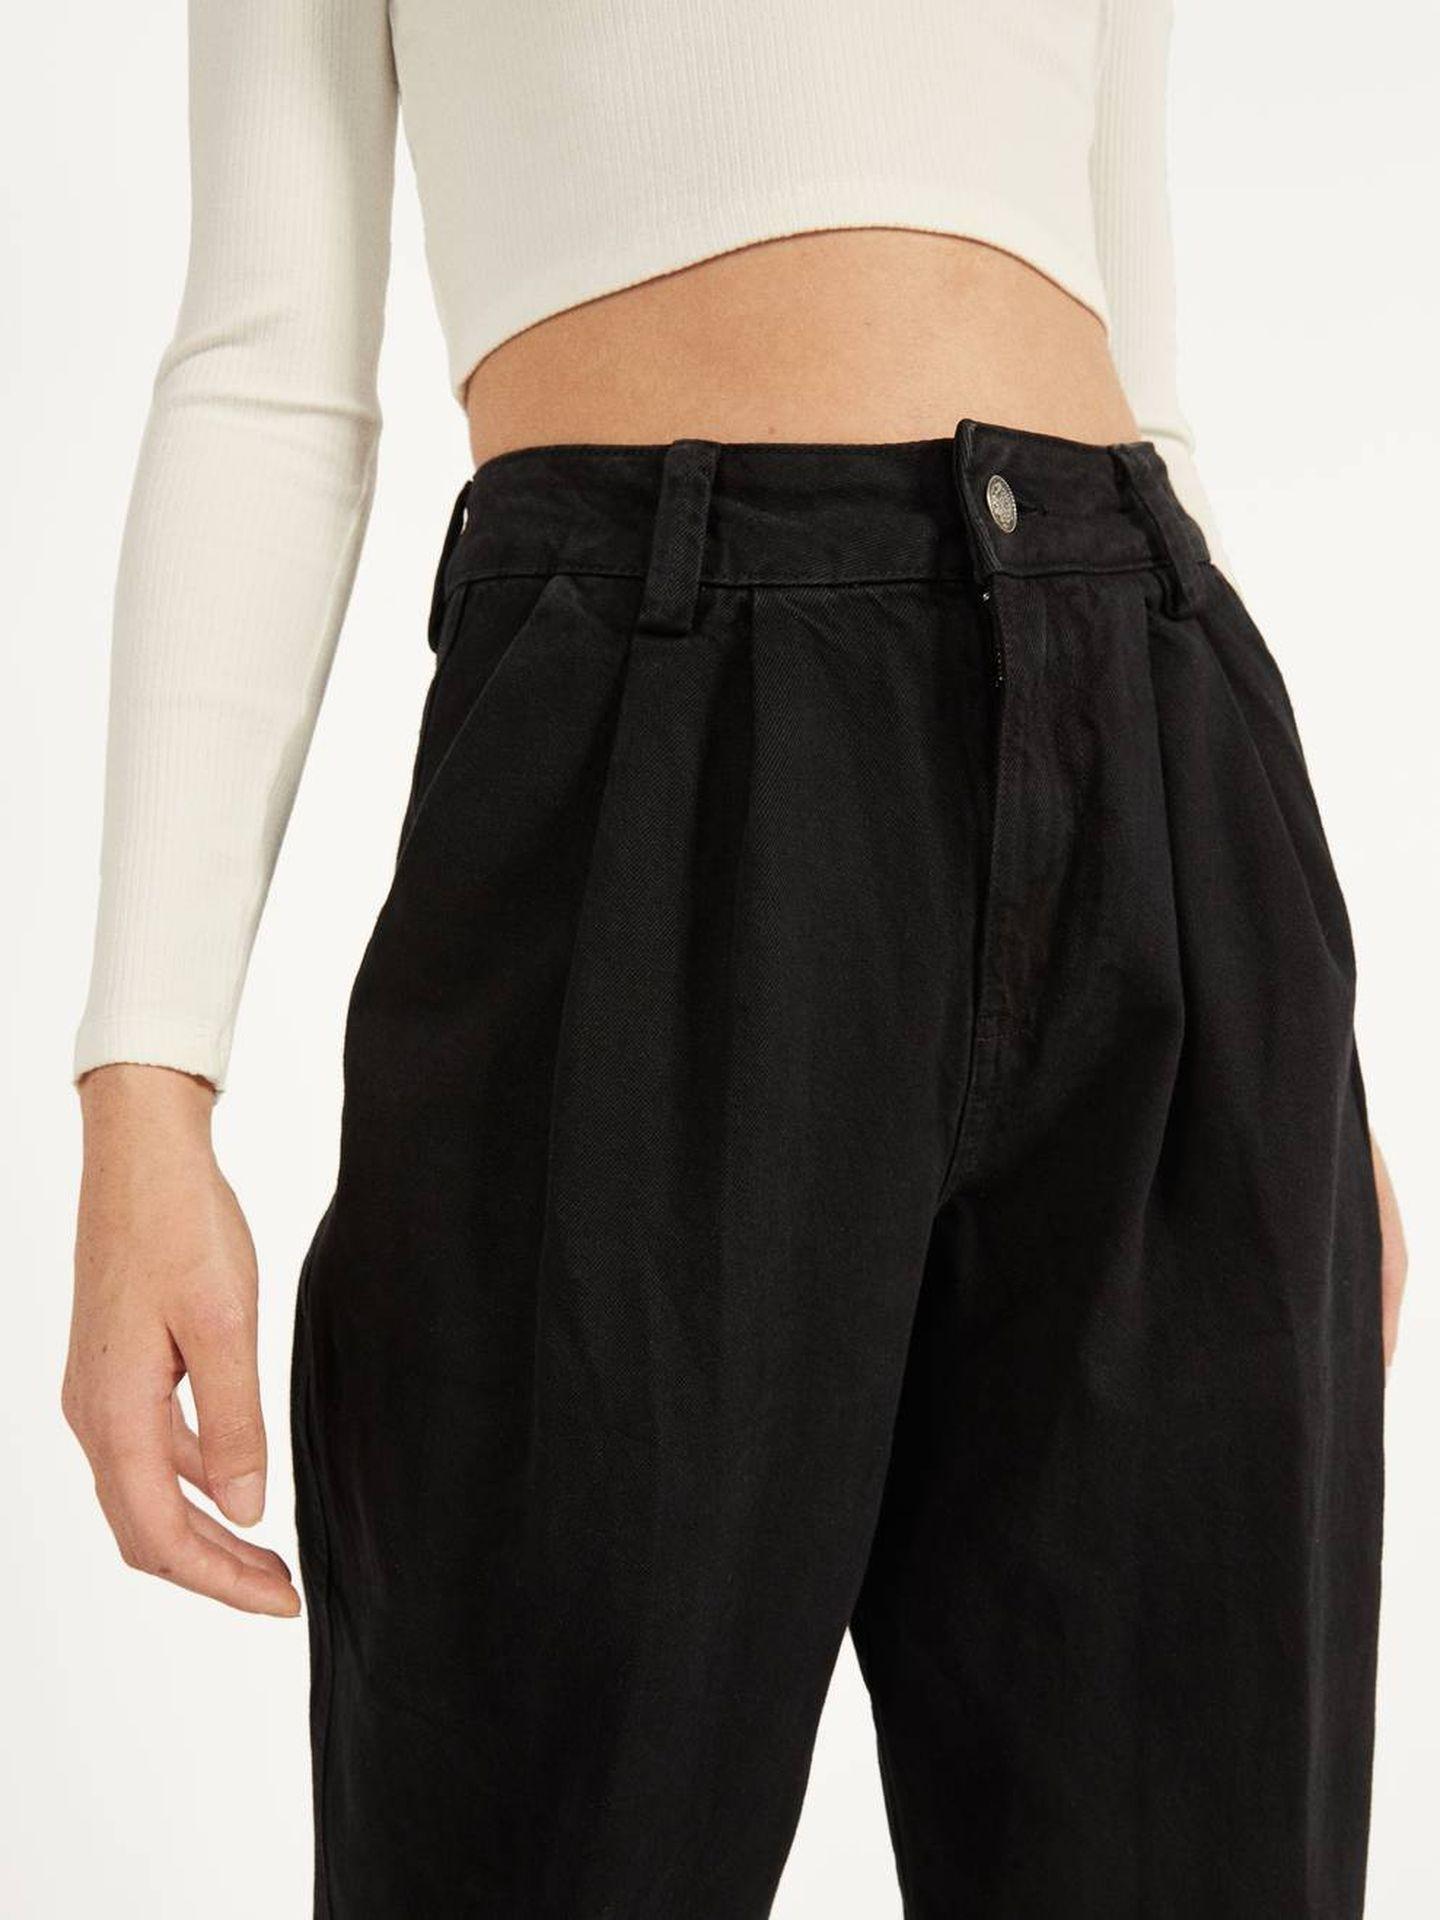 El pantalón de Bershka que lleva Marta Hazas. (Cortesía)